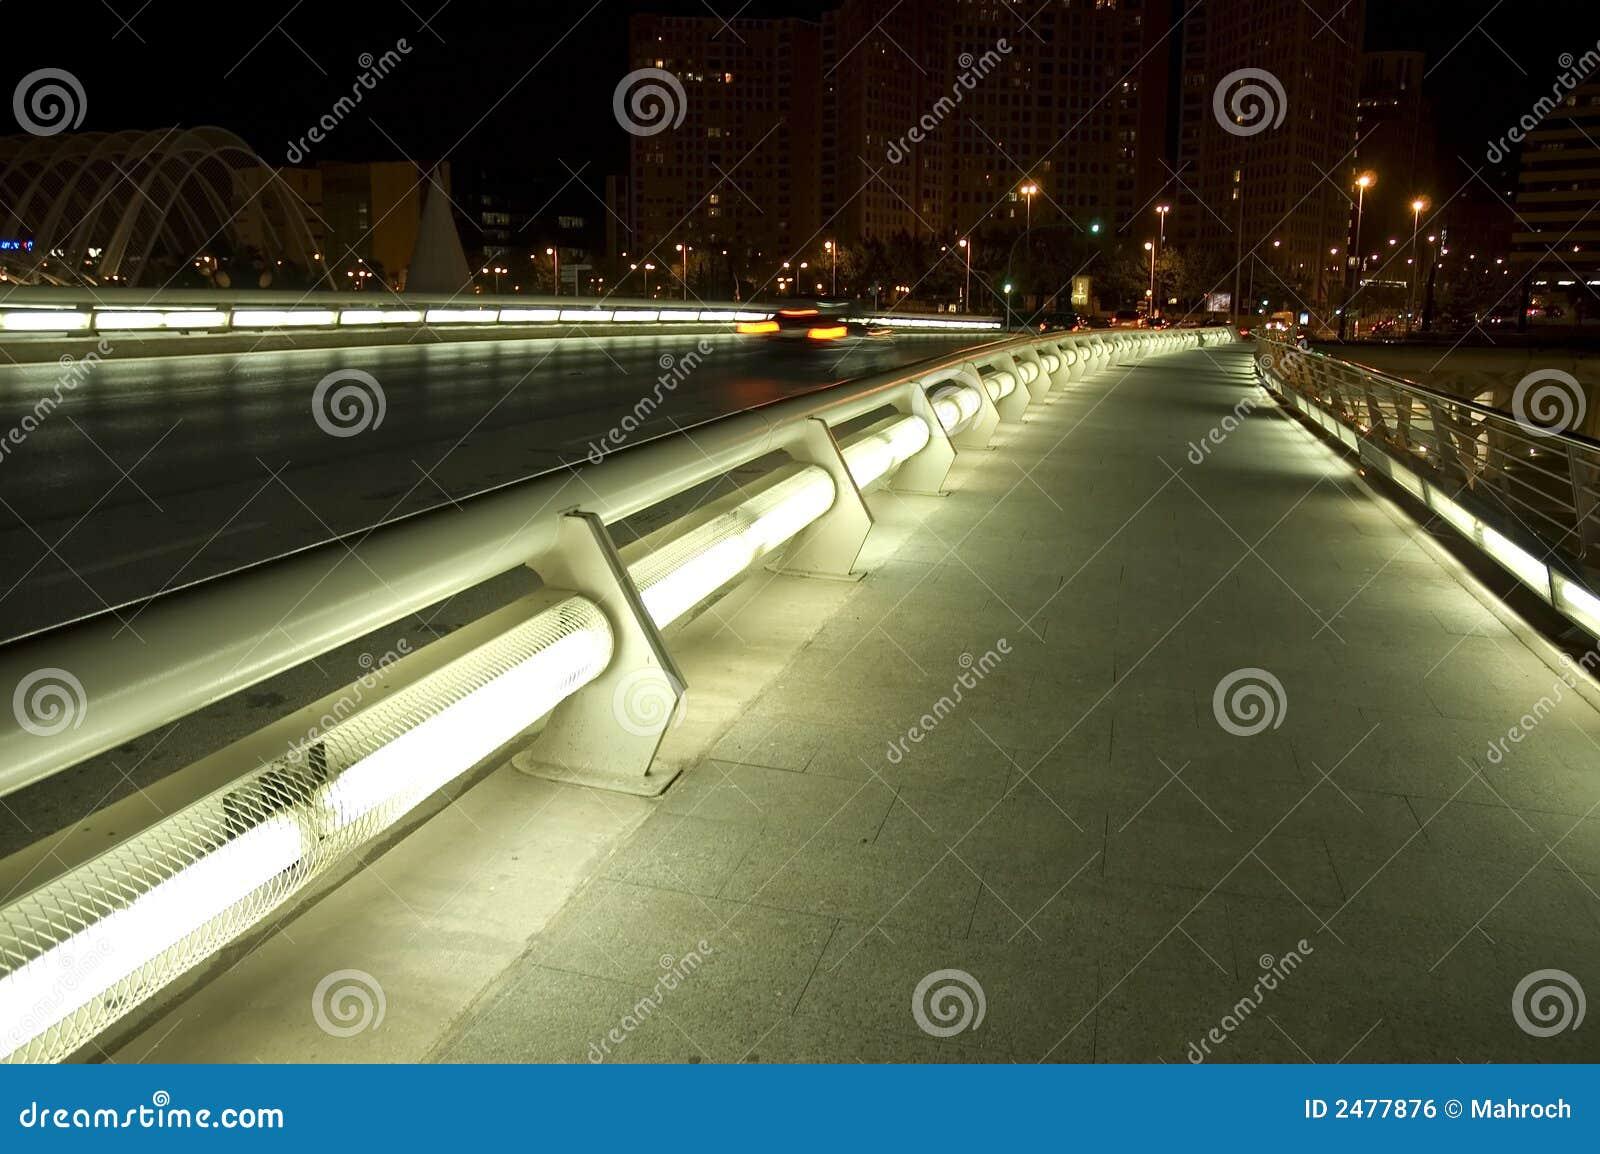 Futuristic Bridge Editorial Photo Image 2477876